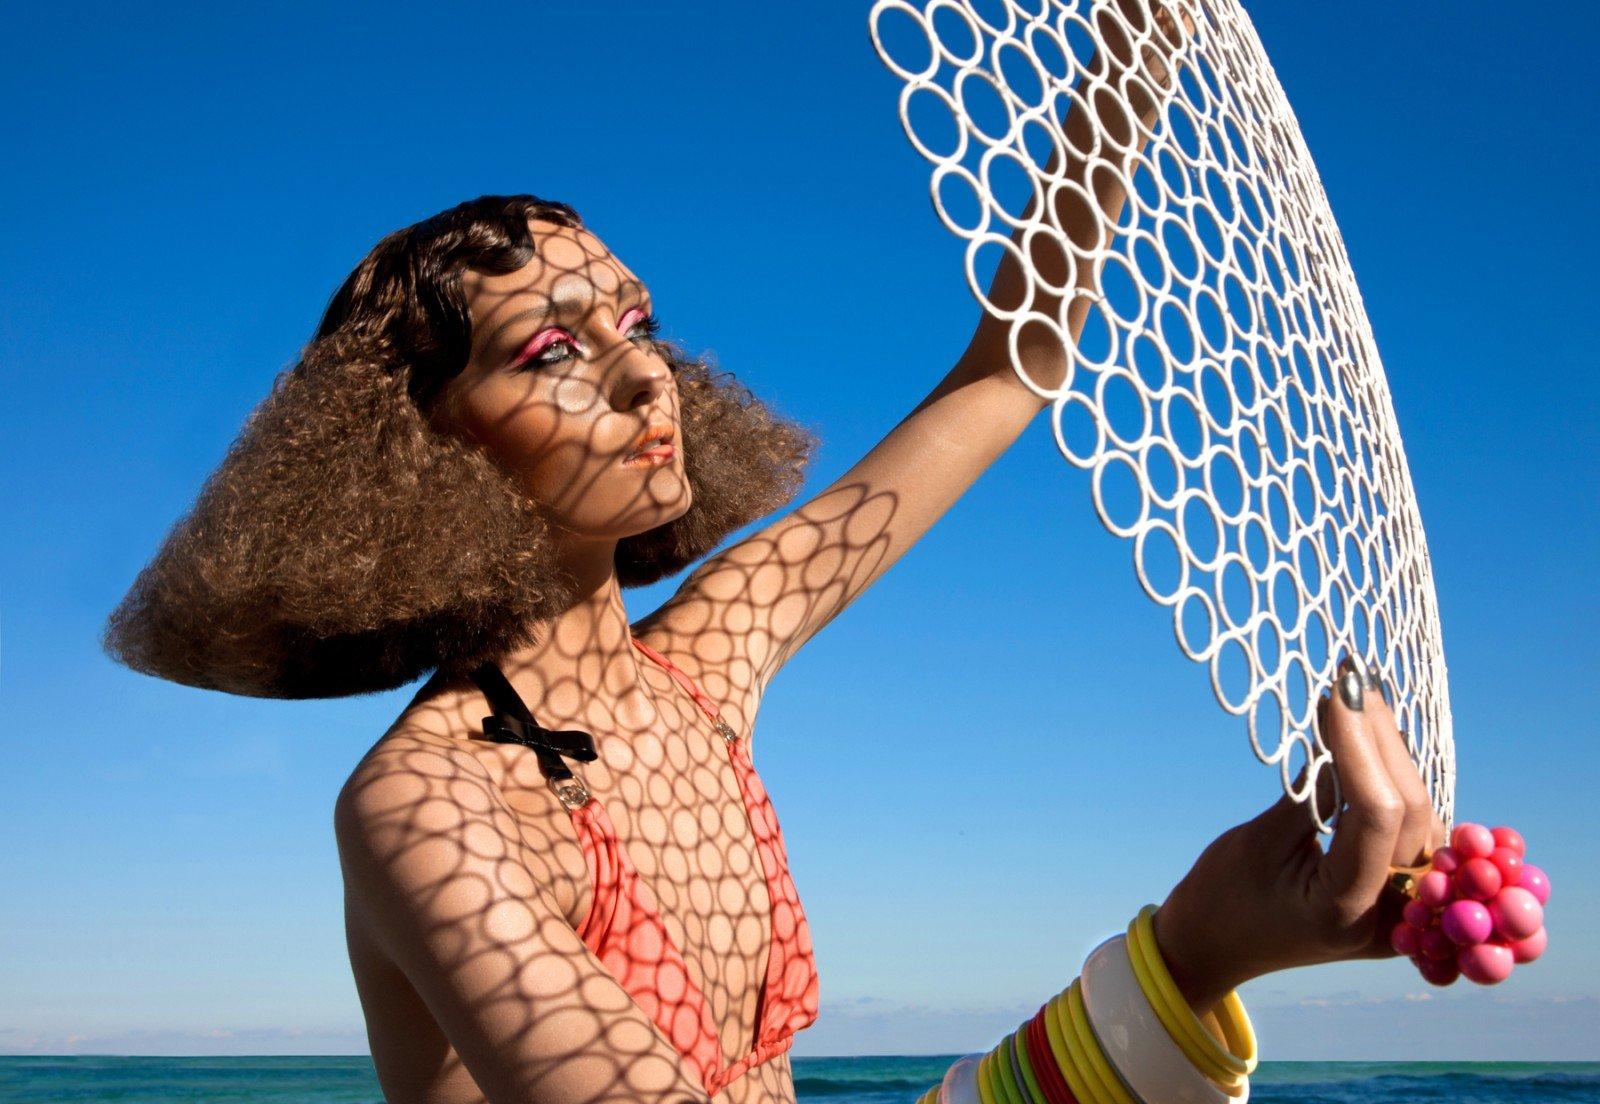 Почему солнце провоцирует рак и как защитить себя? Отвечает ученый-биотехнолог Илья Духовлинов